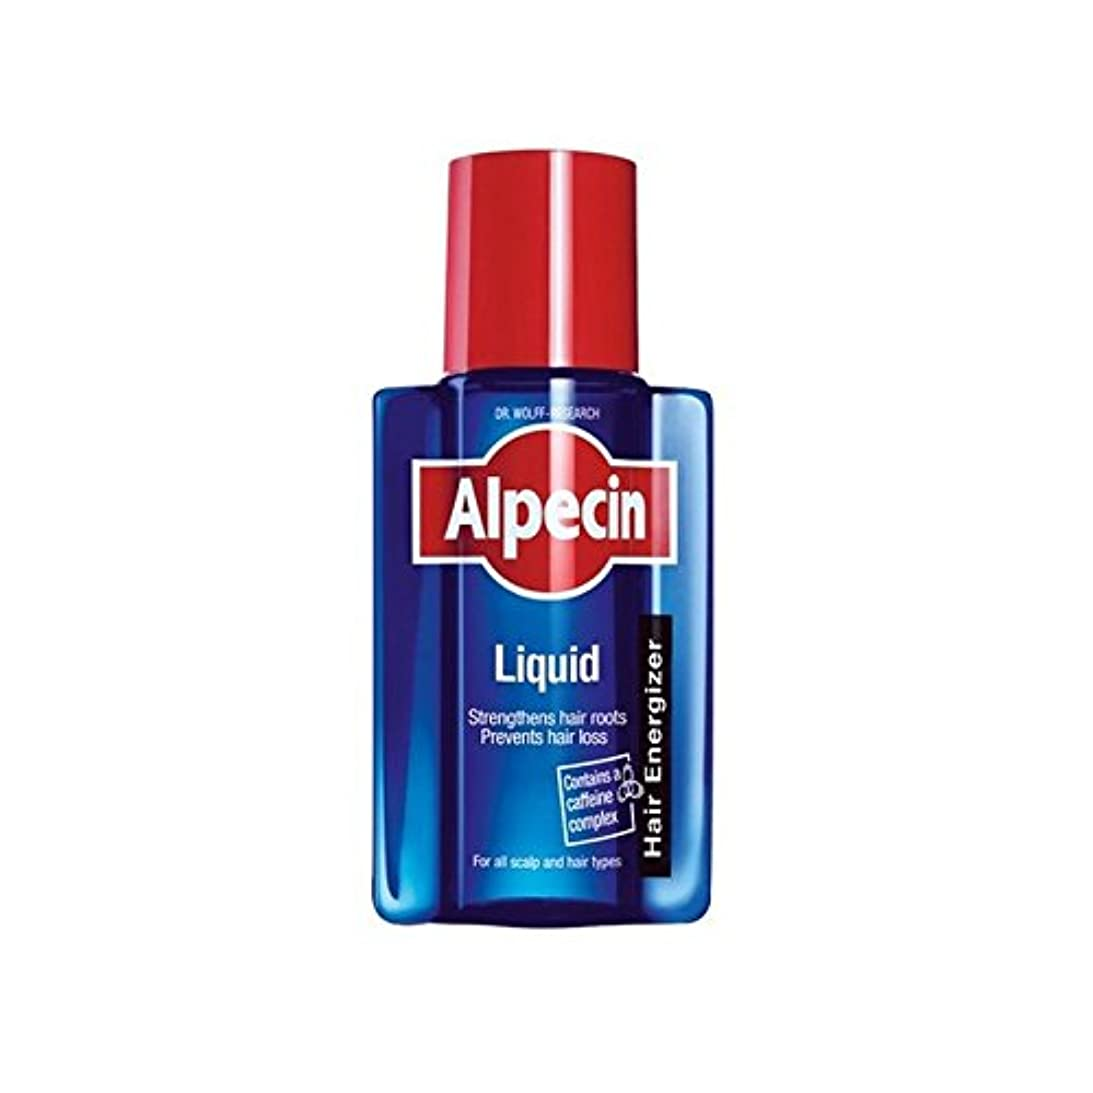 無限レンチ勝つ液体(200)中 x2 - Alpecin Liquid (200ml) (Pack of 2) [並行輸入品]